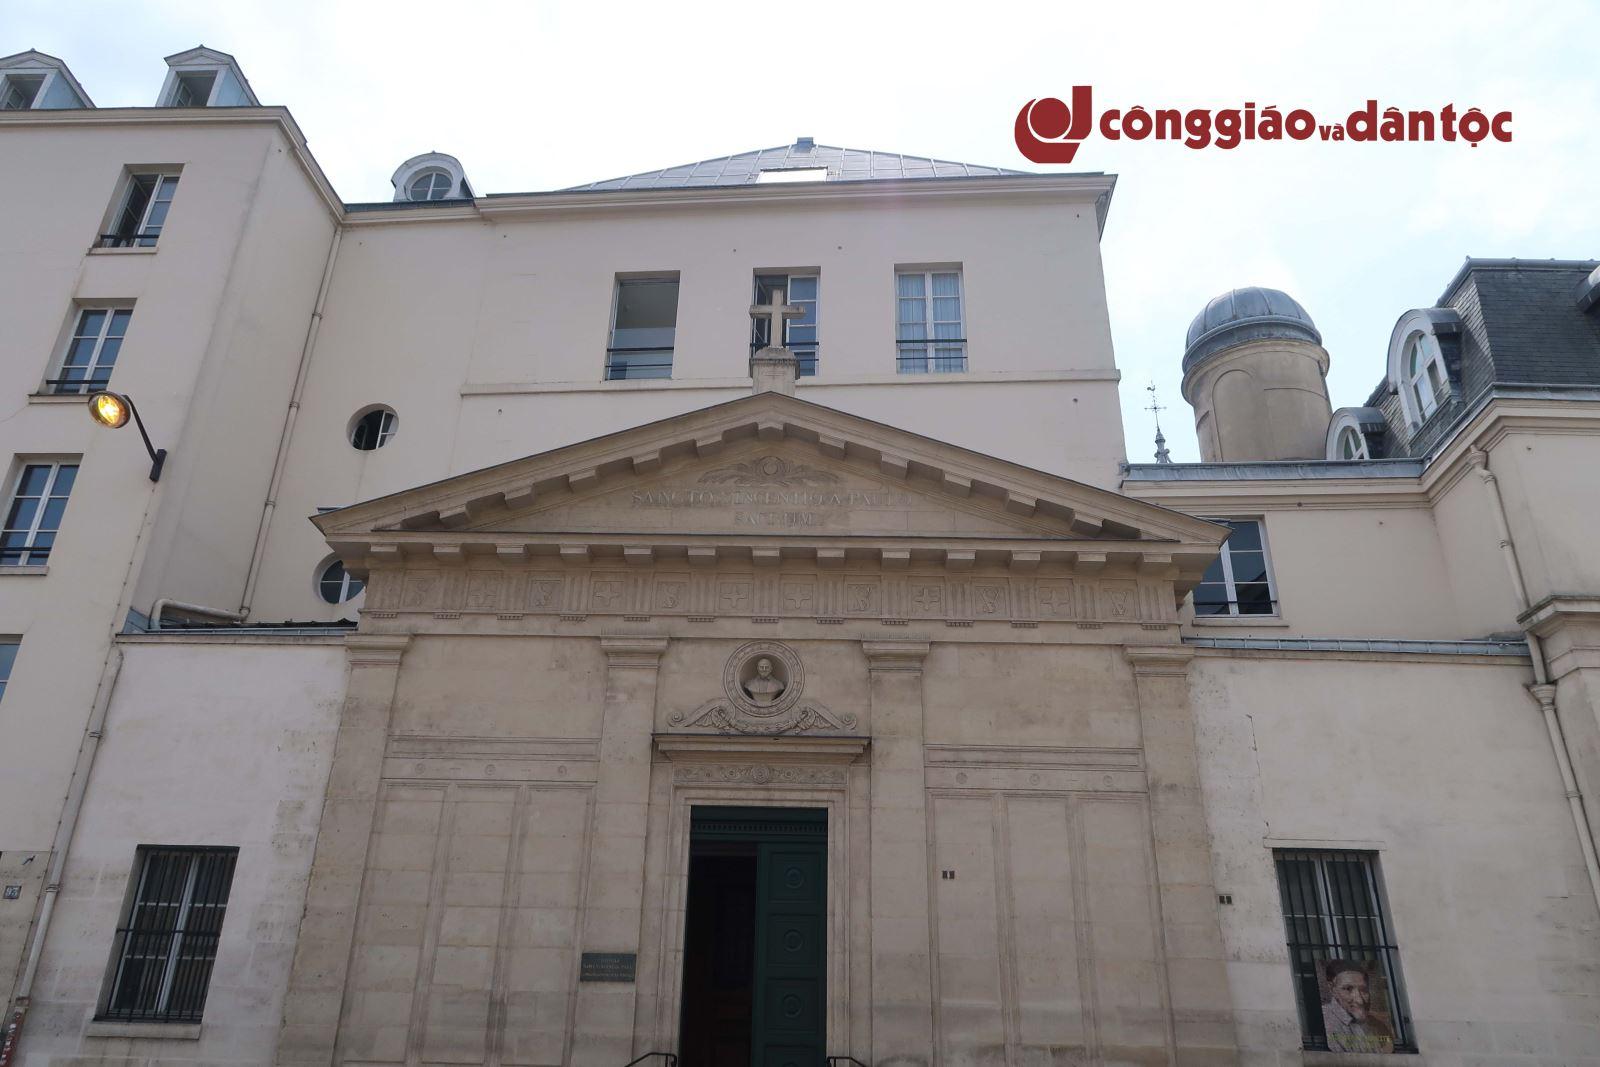 Viếng di hài thánh Vinh sơn Phaolô tại Paris - 5